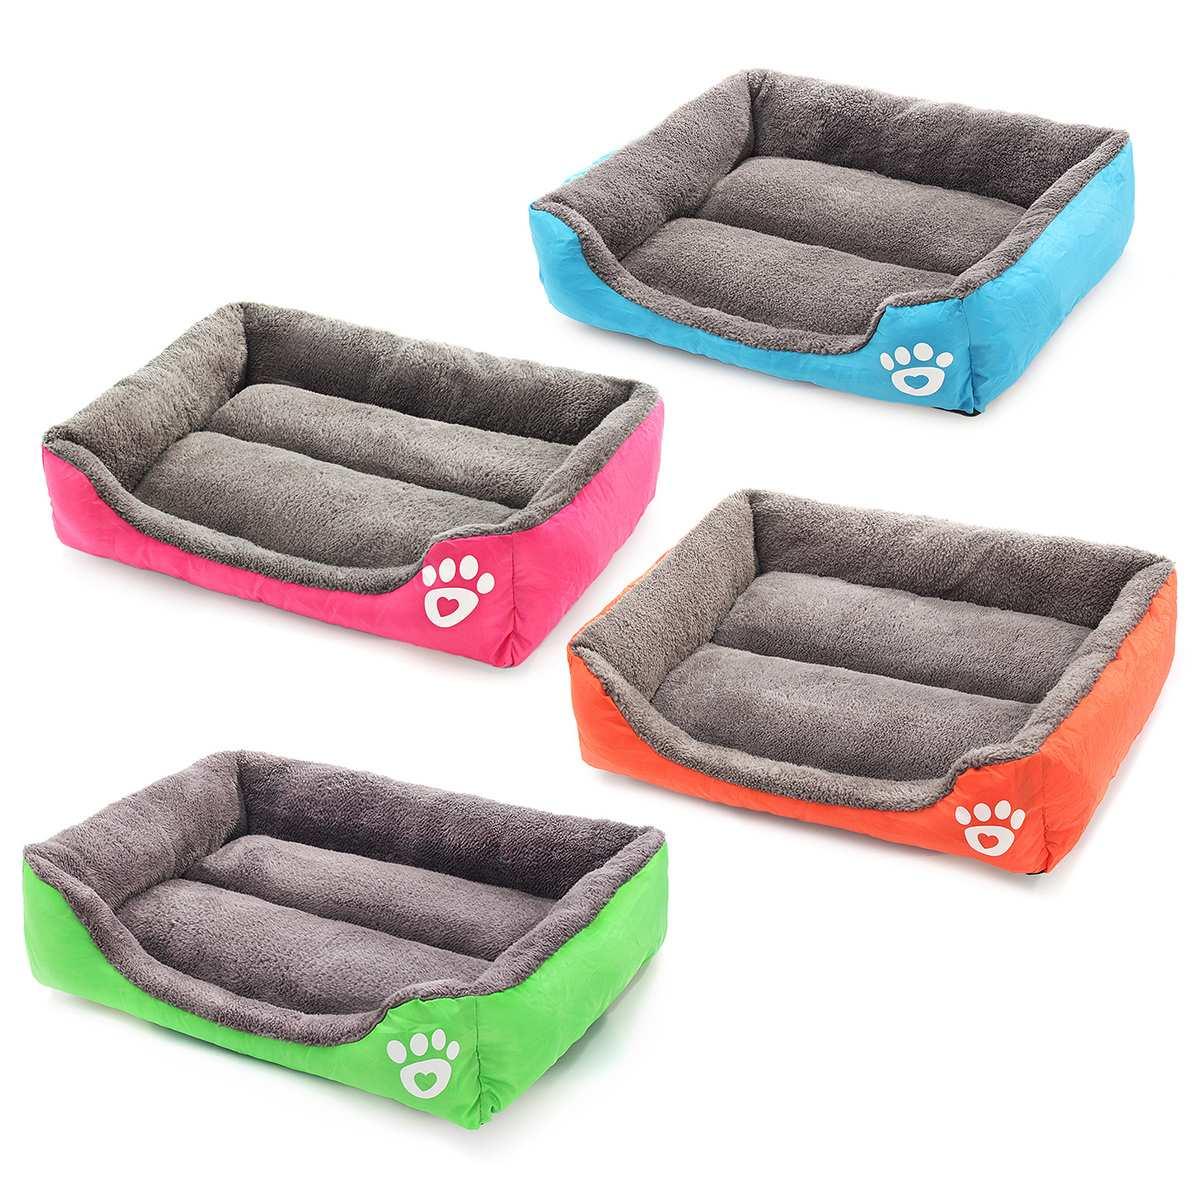 XXXL taille Pet chien chat lit chiot coussin maison Pet doux chaud chenil chien tapis couverture chiot Pad hiver chaud animal coussin